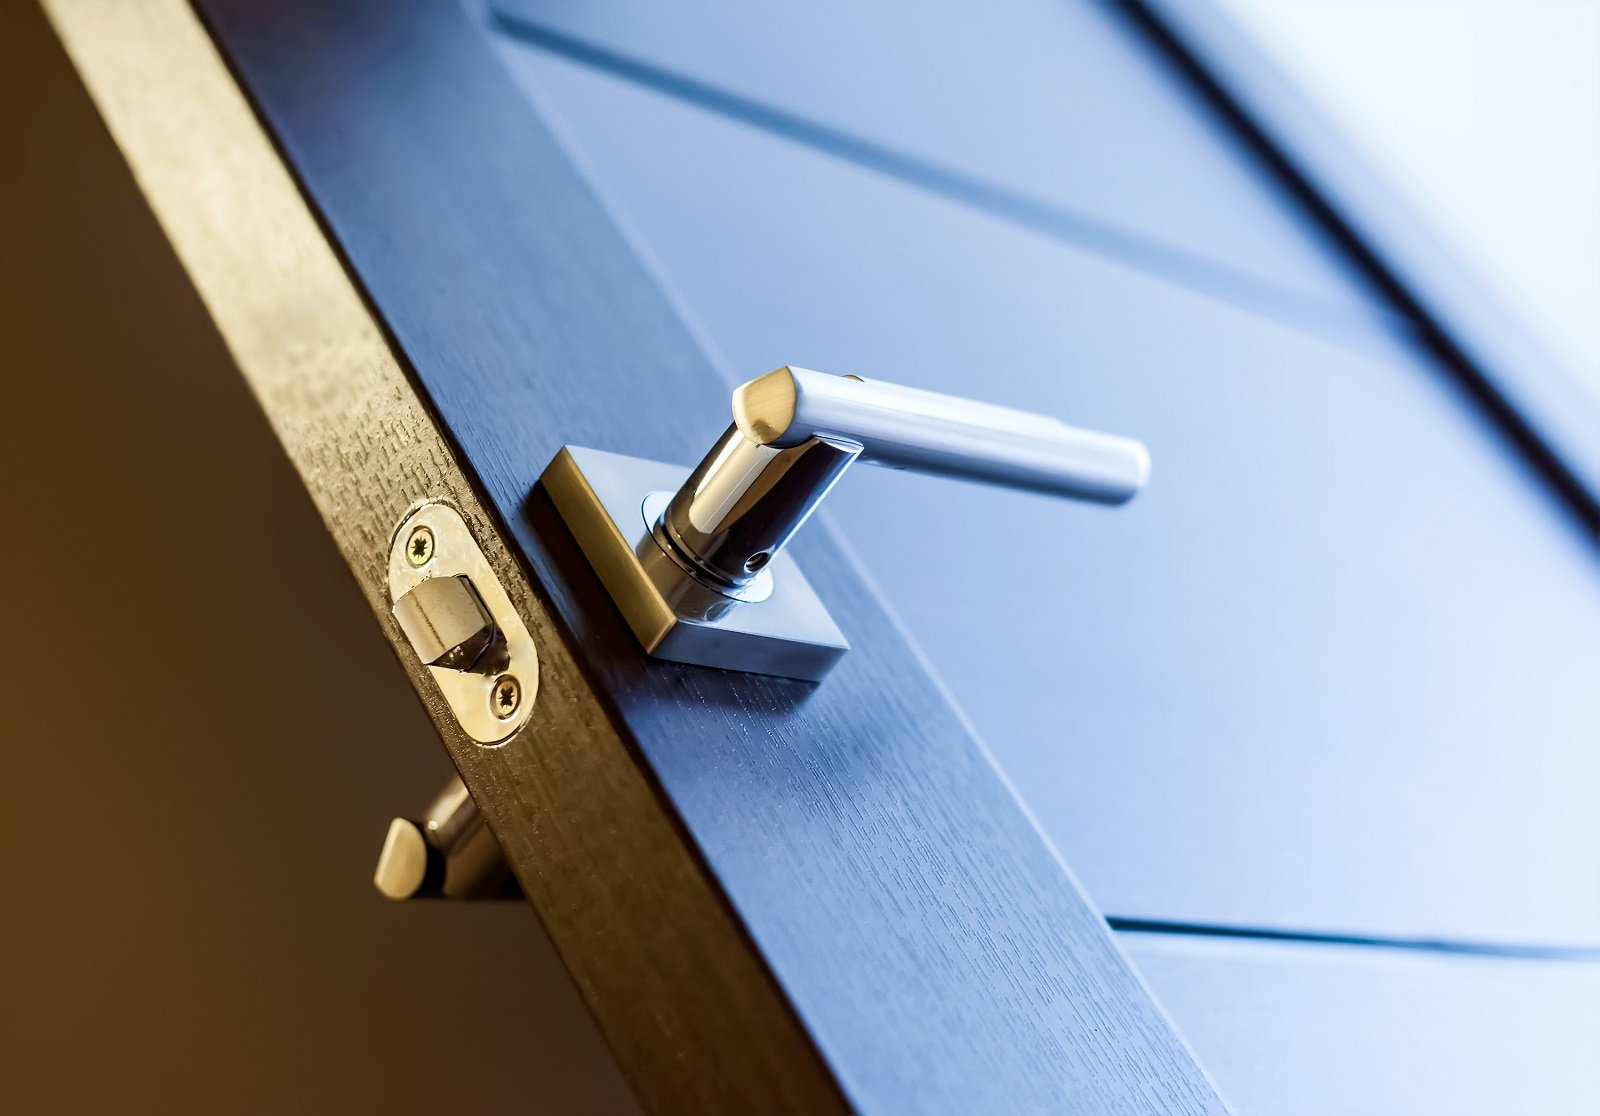 Maniglia d'acciaio di una porta in legno